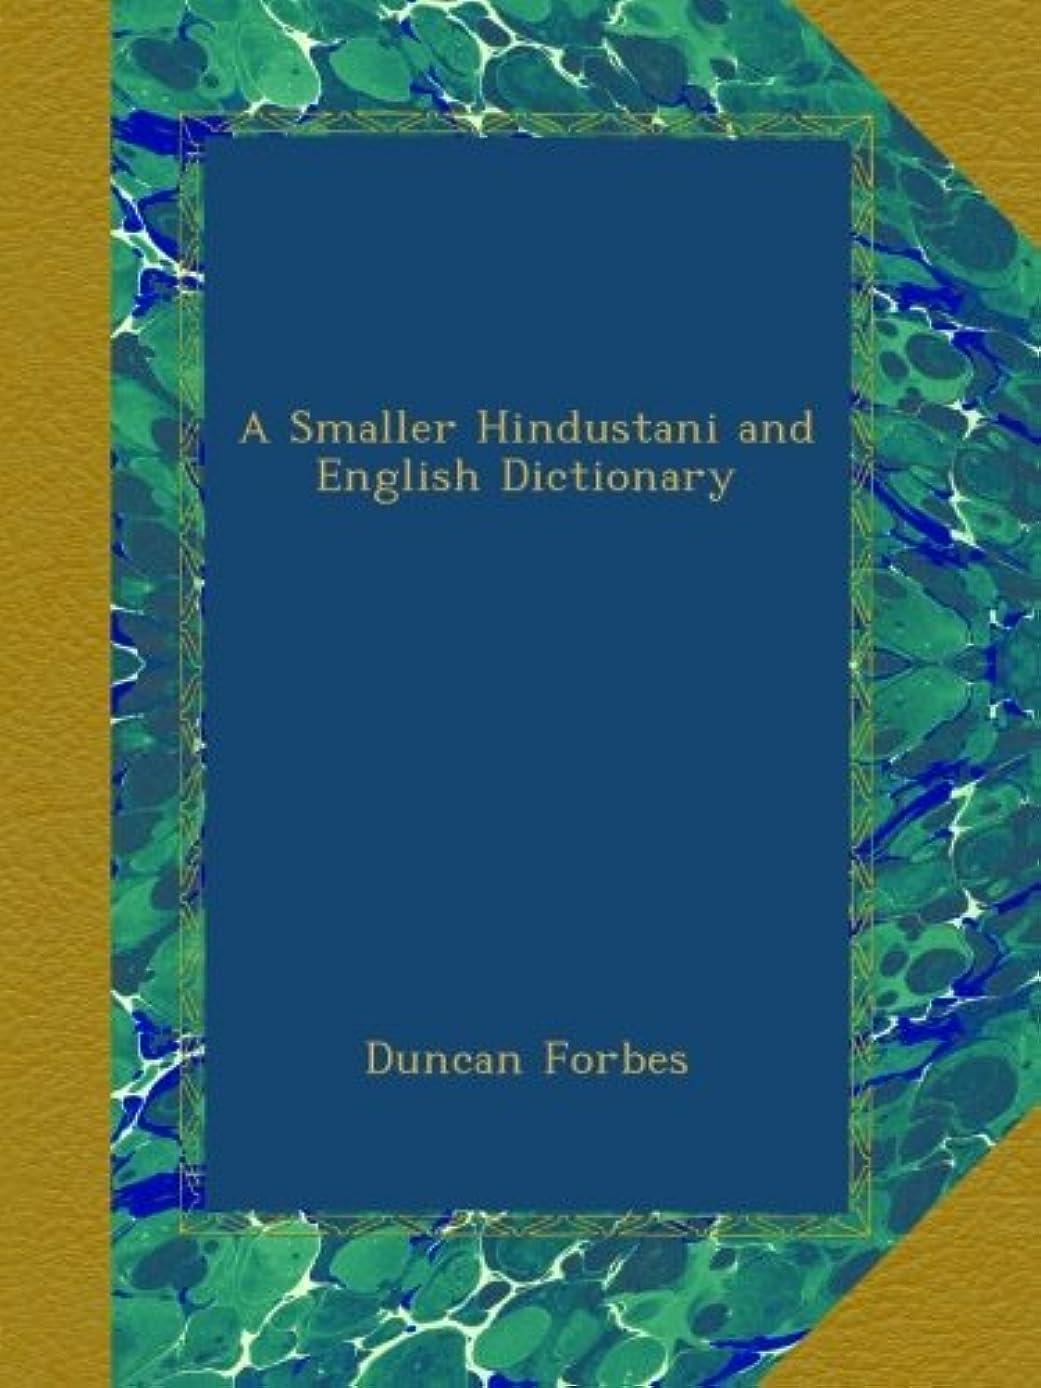 スモッグせせらぎ真剣にA Smaller Hindustani and English Dictionary